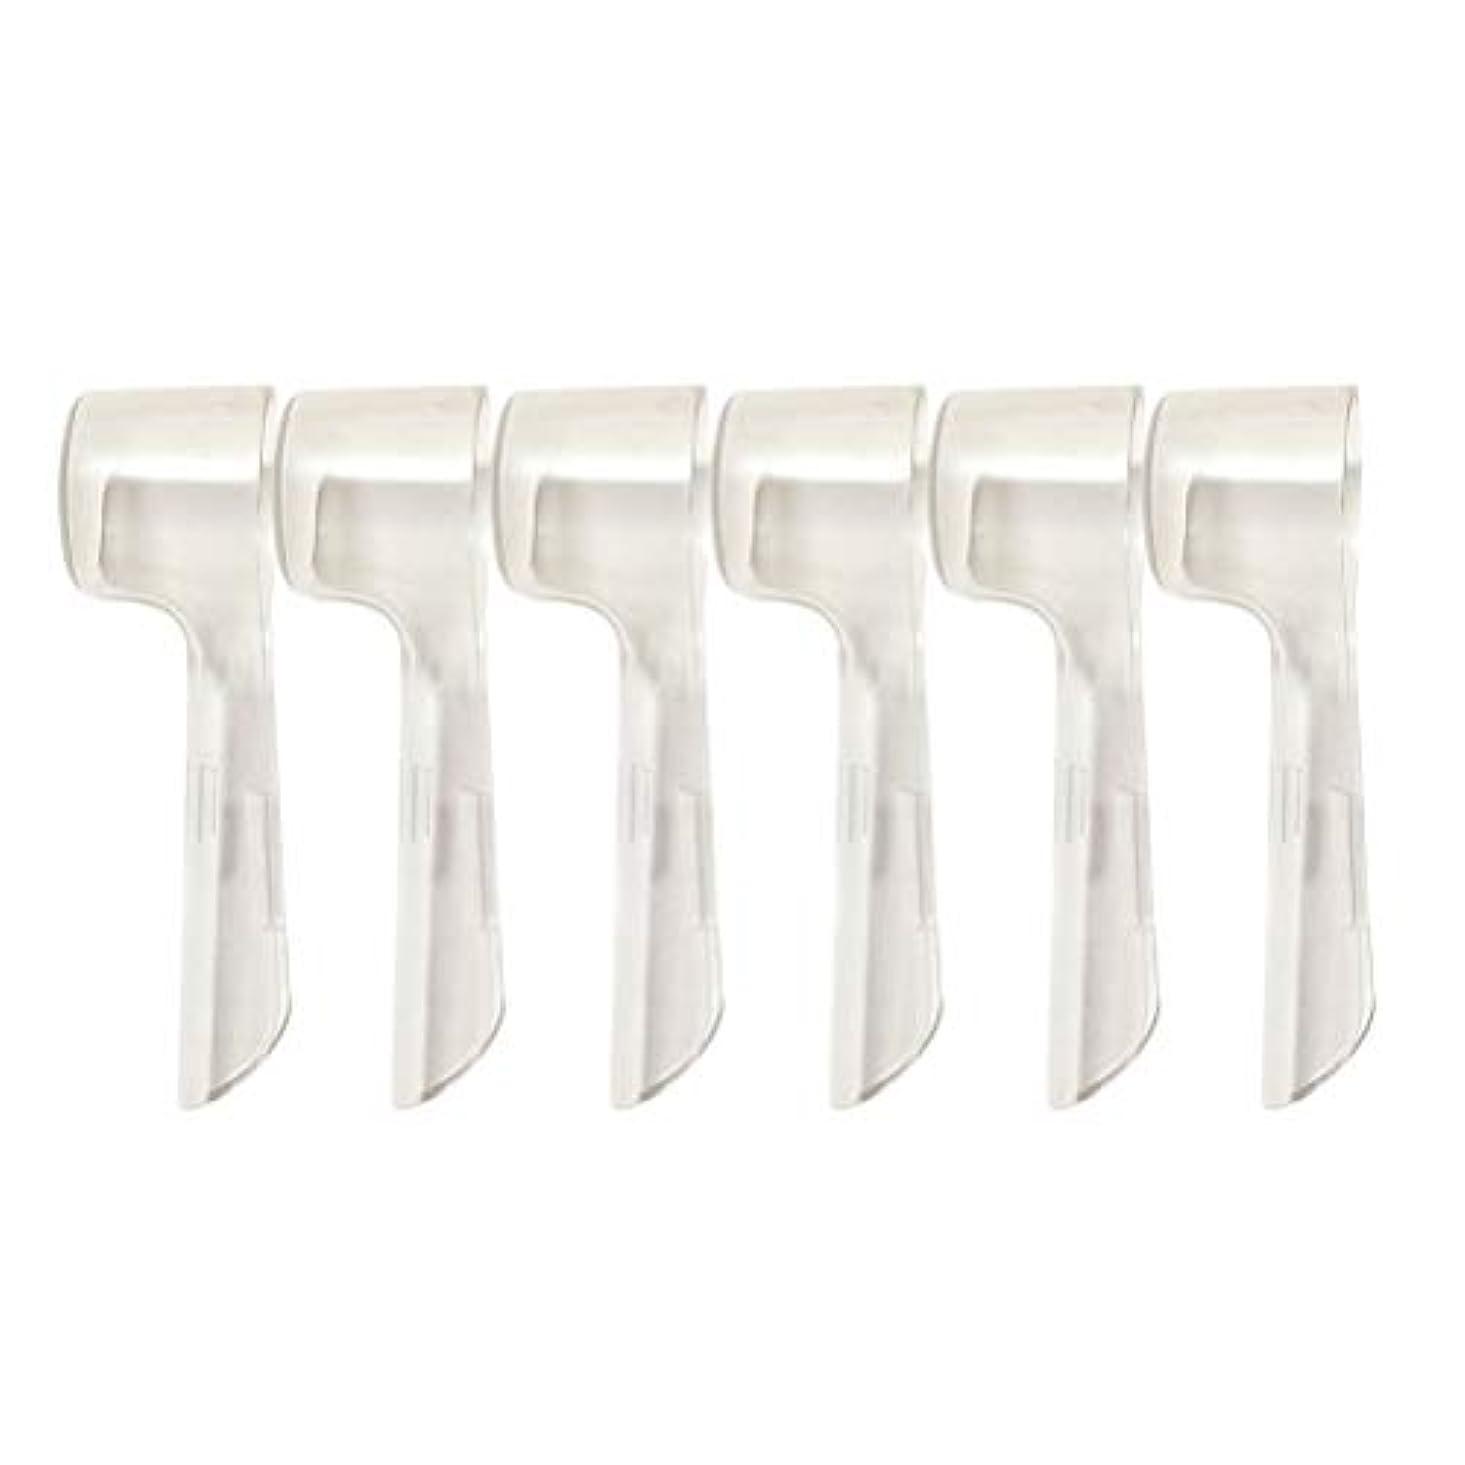 いちゃつくモック嘆願SUPVOX 旅行のために便利な電動歯ブラシのための10本の歯ブラシヘッドカバー